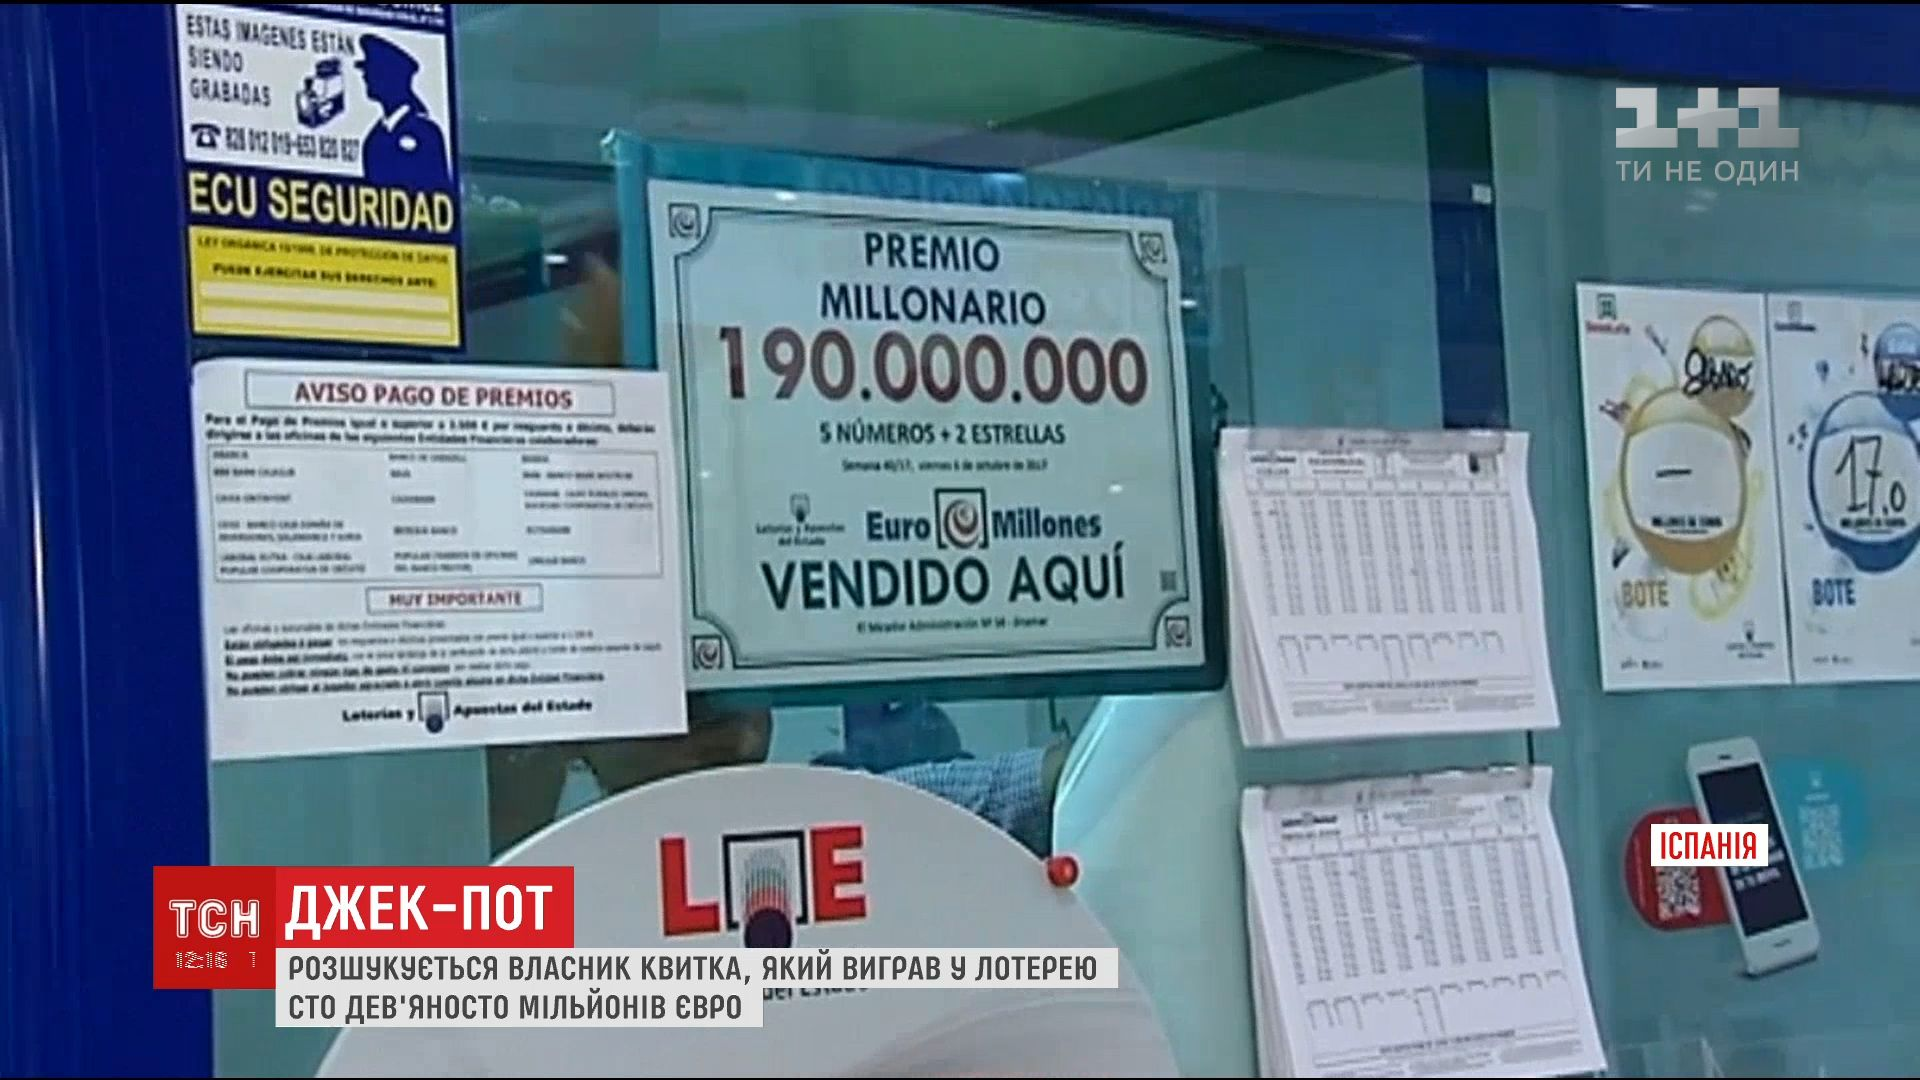 В Испании не могут найти счастливчика, который выиграл в лотерее 190 миллионов евро /